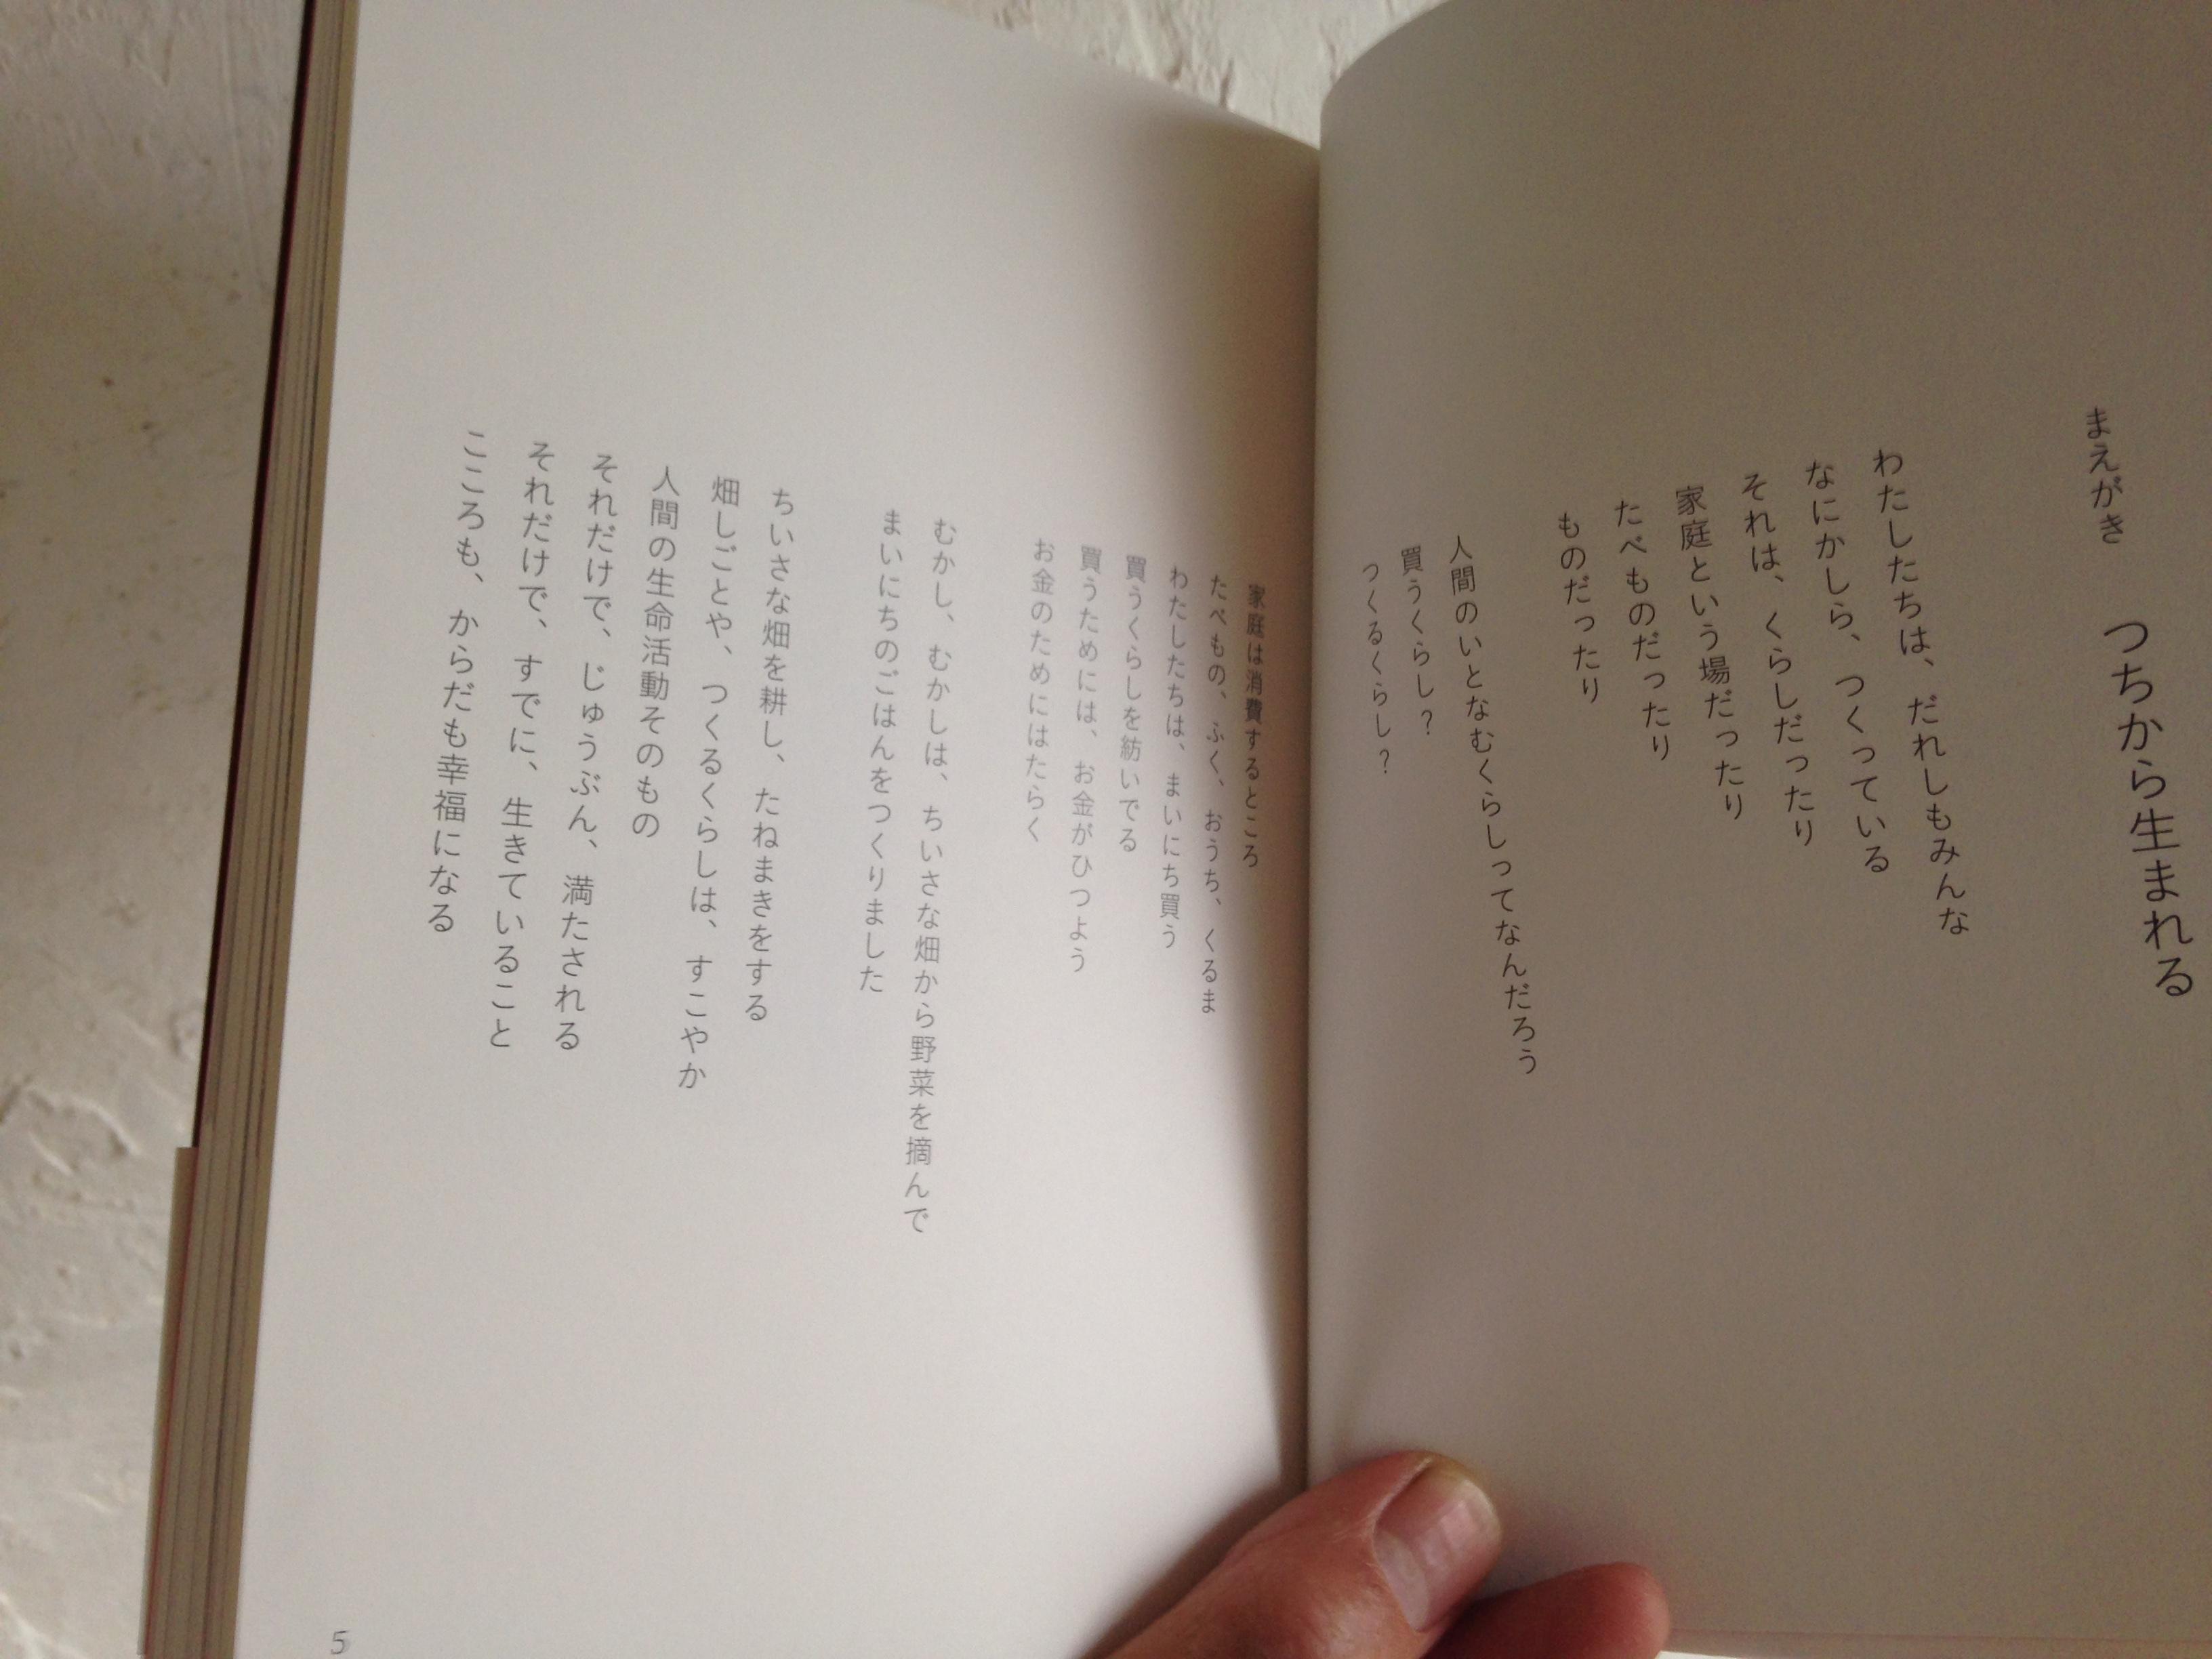 サイン本「ちいさなくらしのたねレシピ」早川ユミ - 画像4